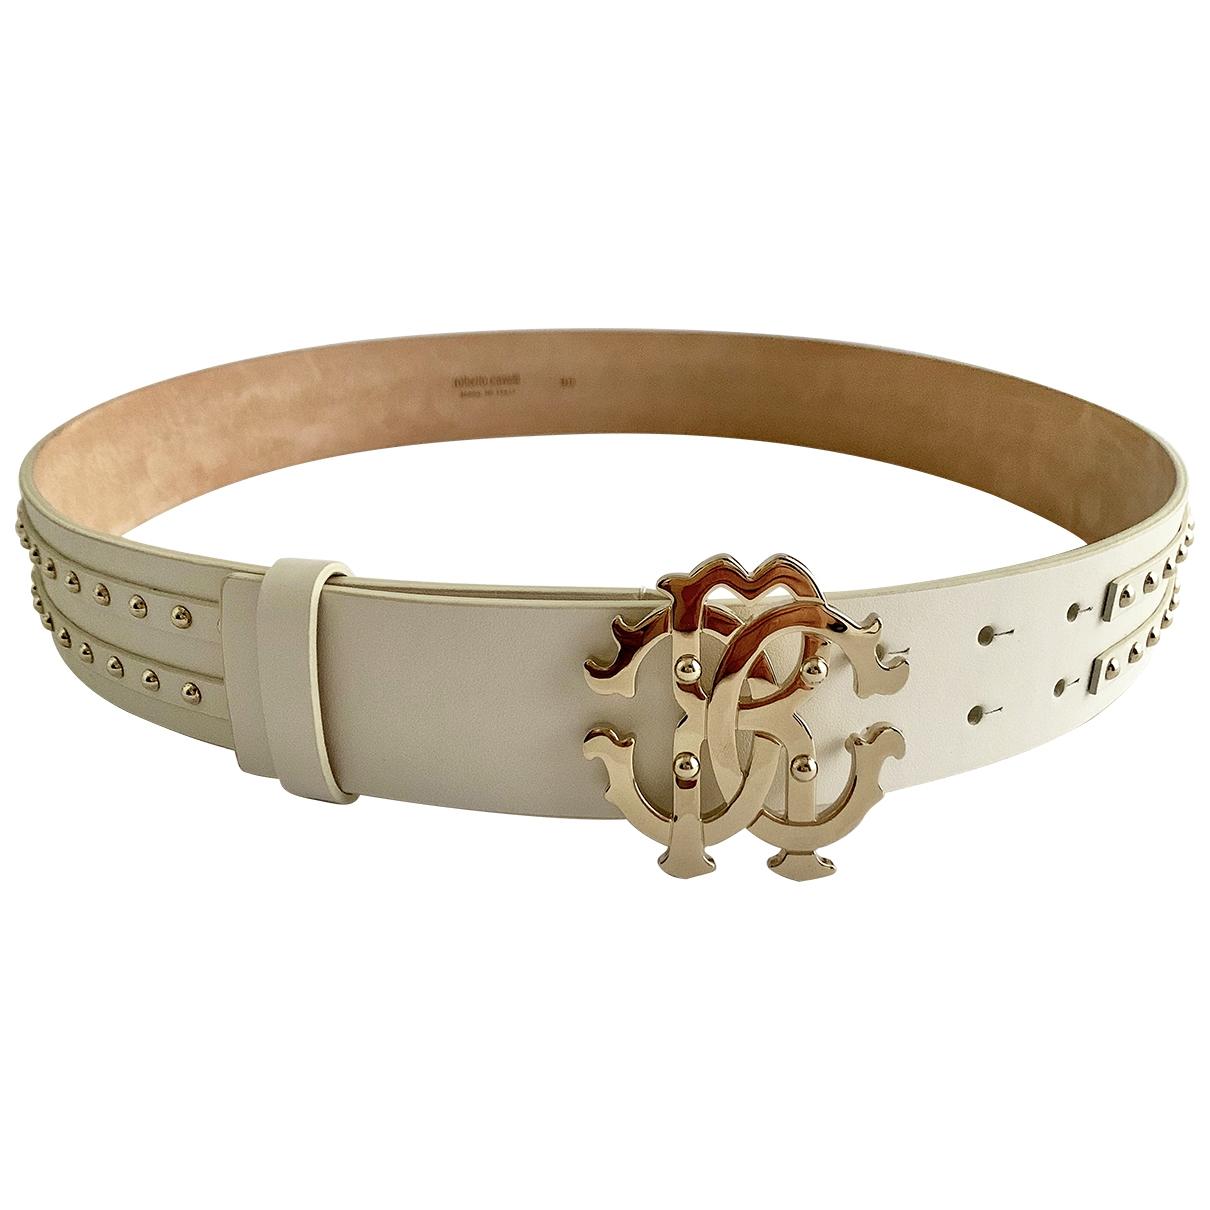 Cinturon de Cuero Roberto Cavalli